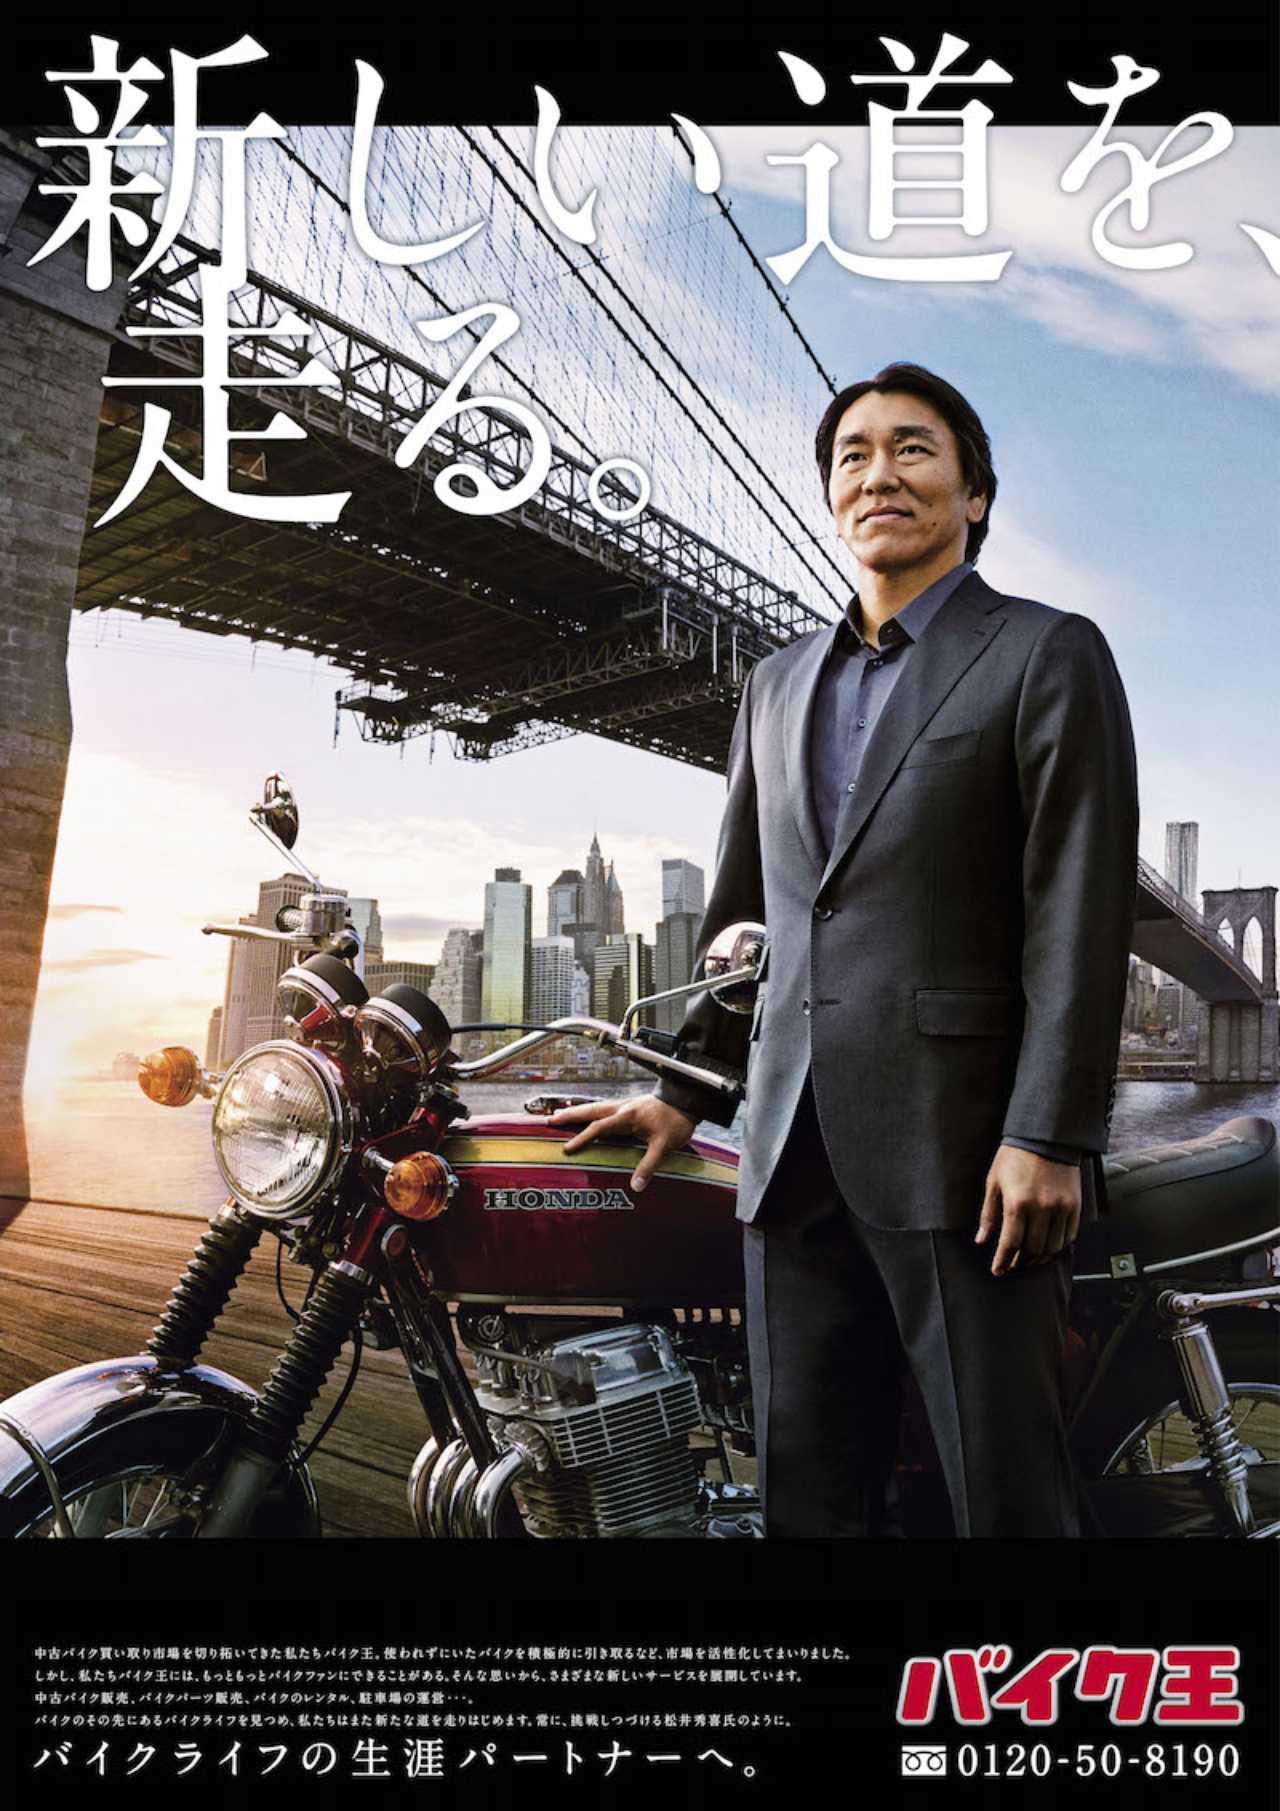 画像1: バイク王 新テレビCMキャラクターは松井秀喜氏に!